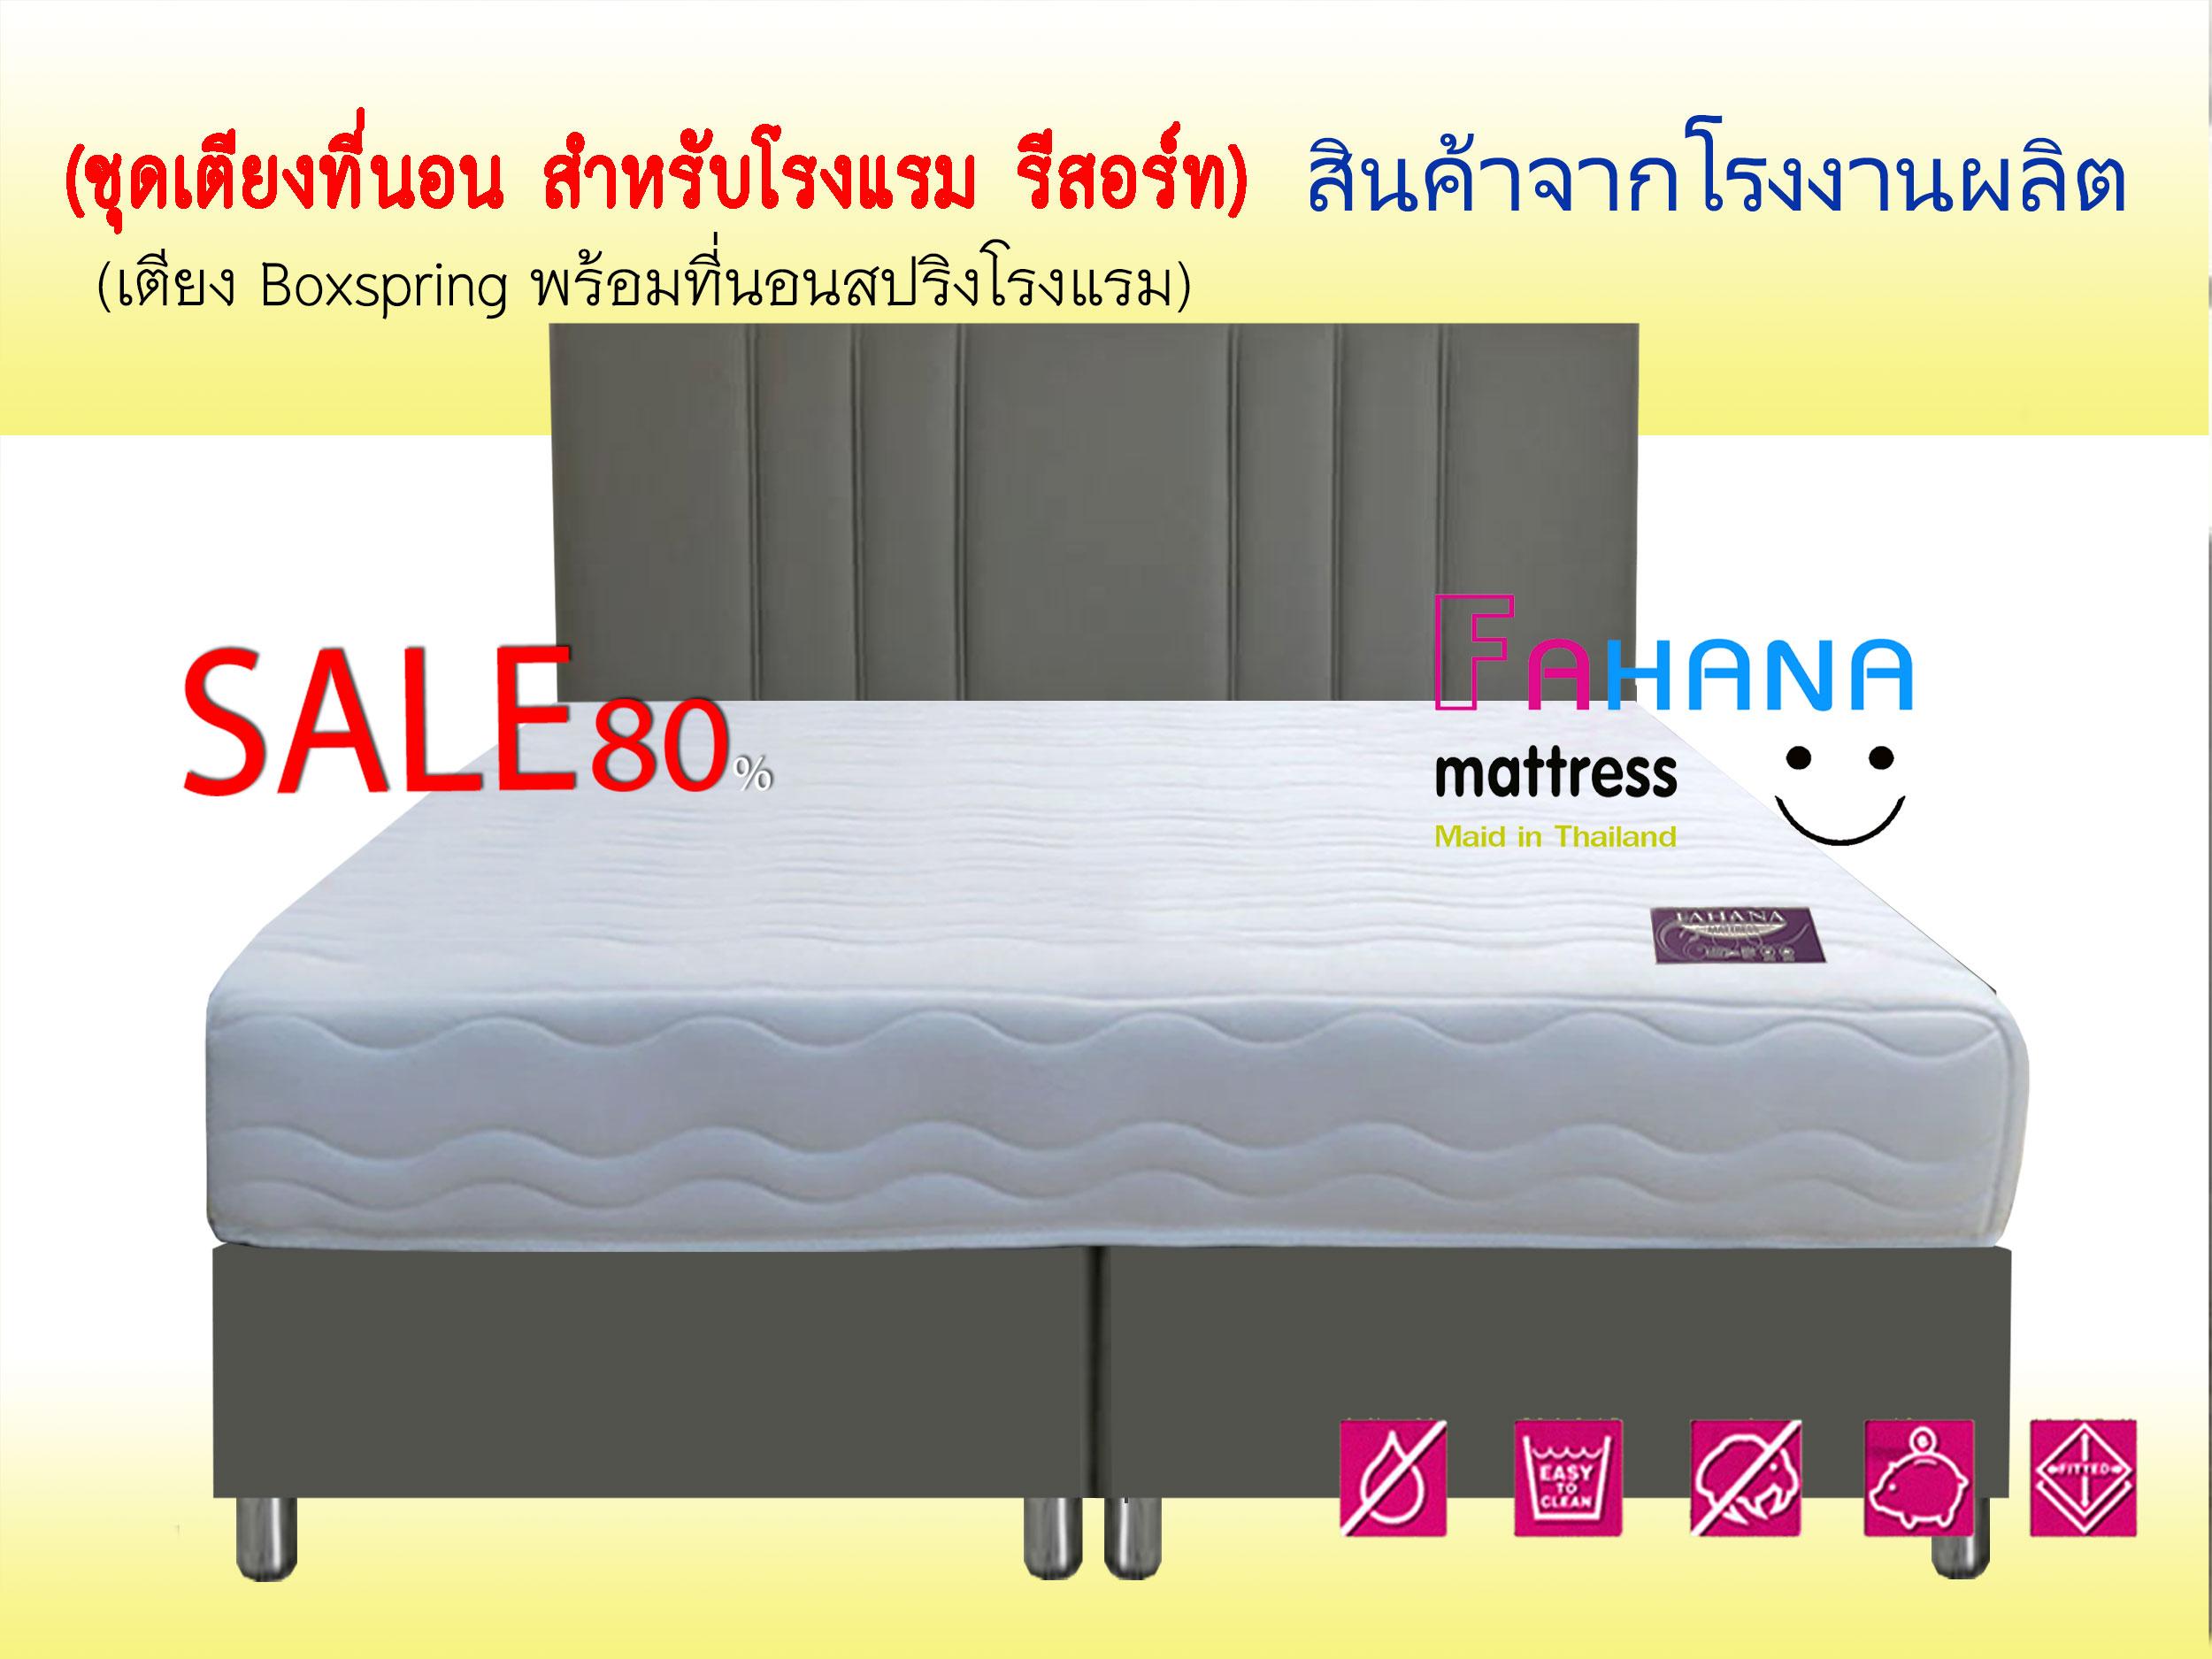 (ทั้งชุด) เตียง BOX สปริง พร้อที่นอน NaNo Spring หนา 11 นิ้ว เกรดเอ ชุดโปร 01